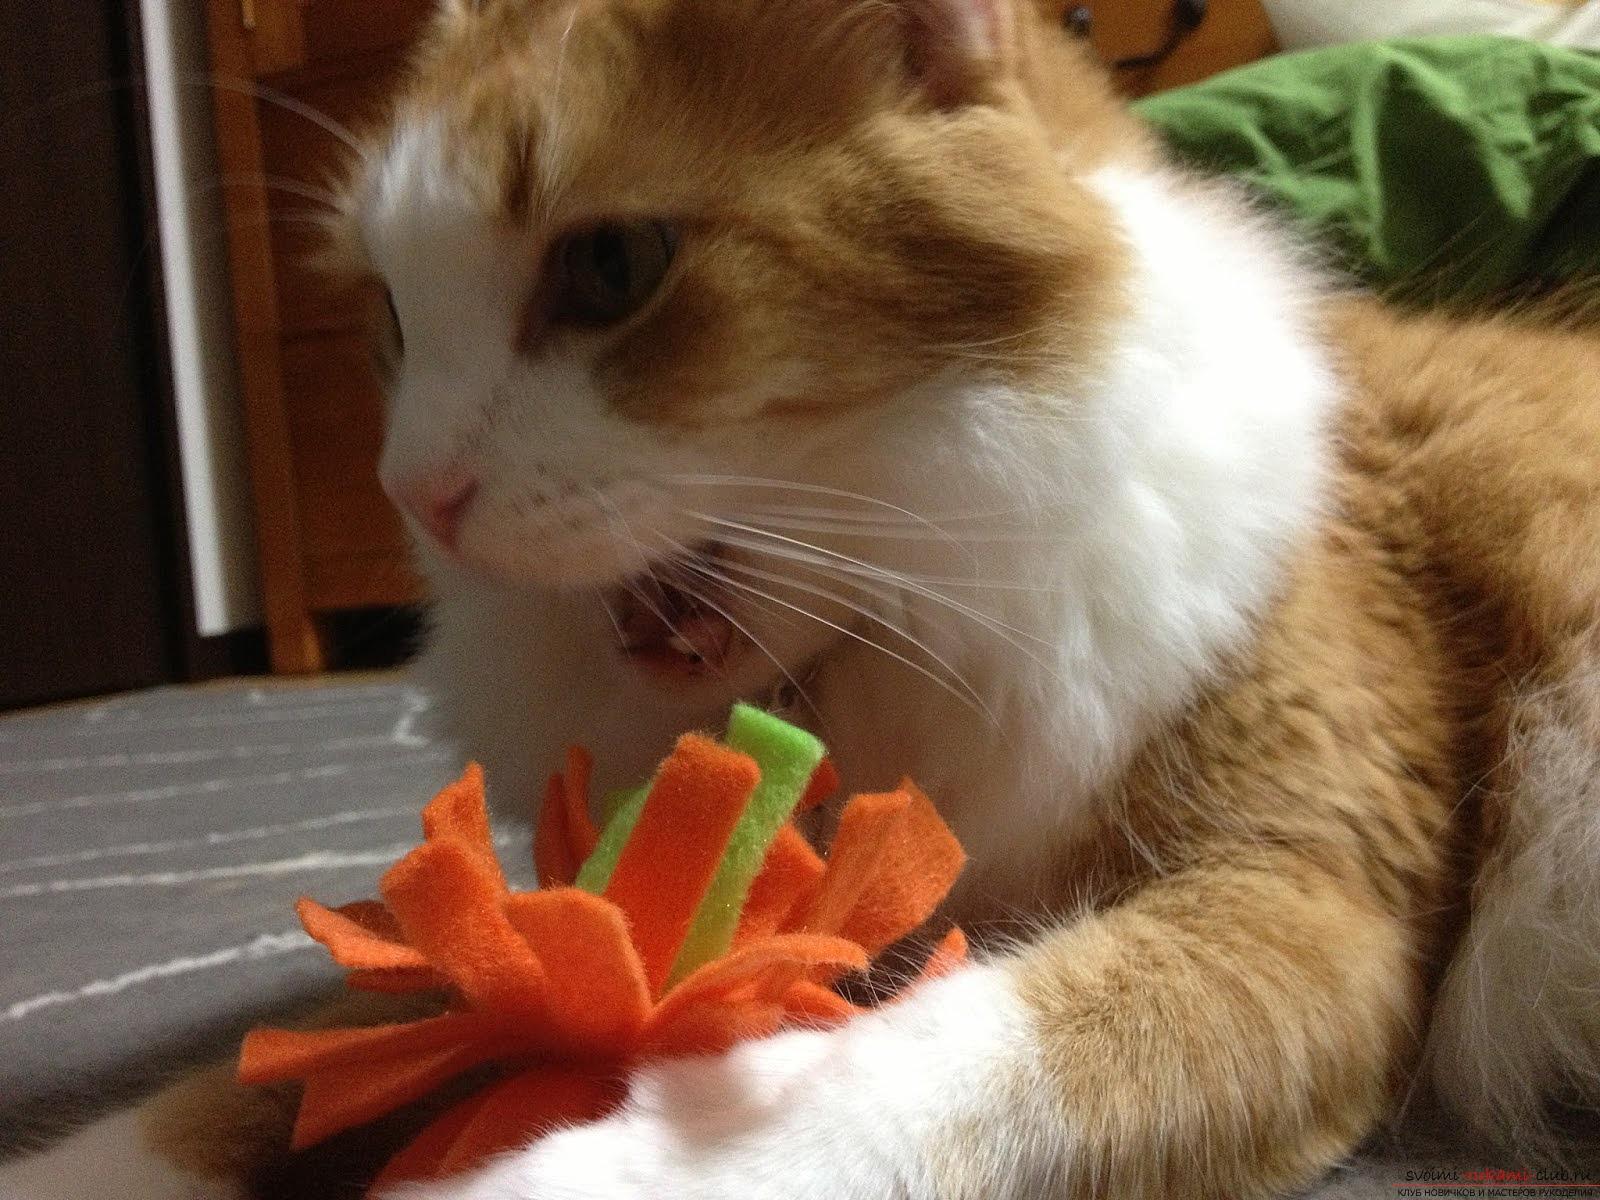 Изготавливаем игрушку – помпон для котят своими руками, мы предоставляем подробную инструкцию